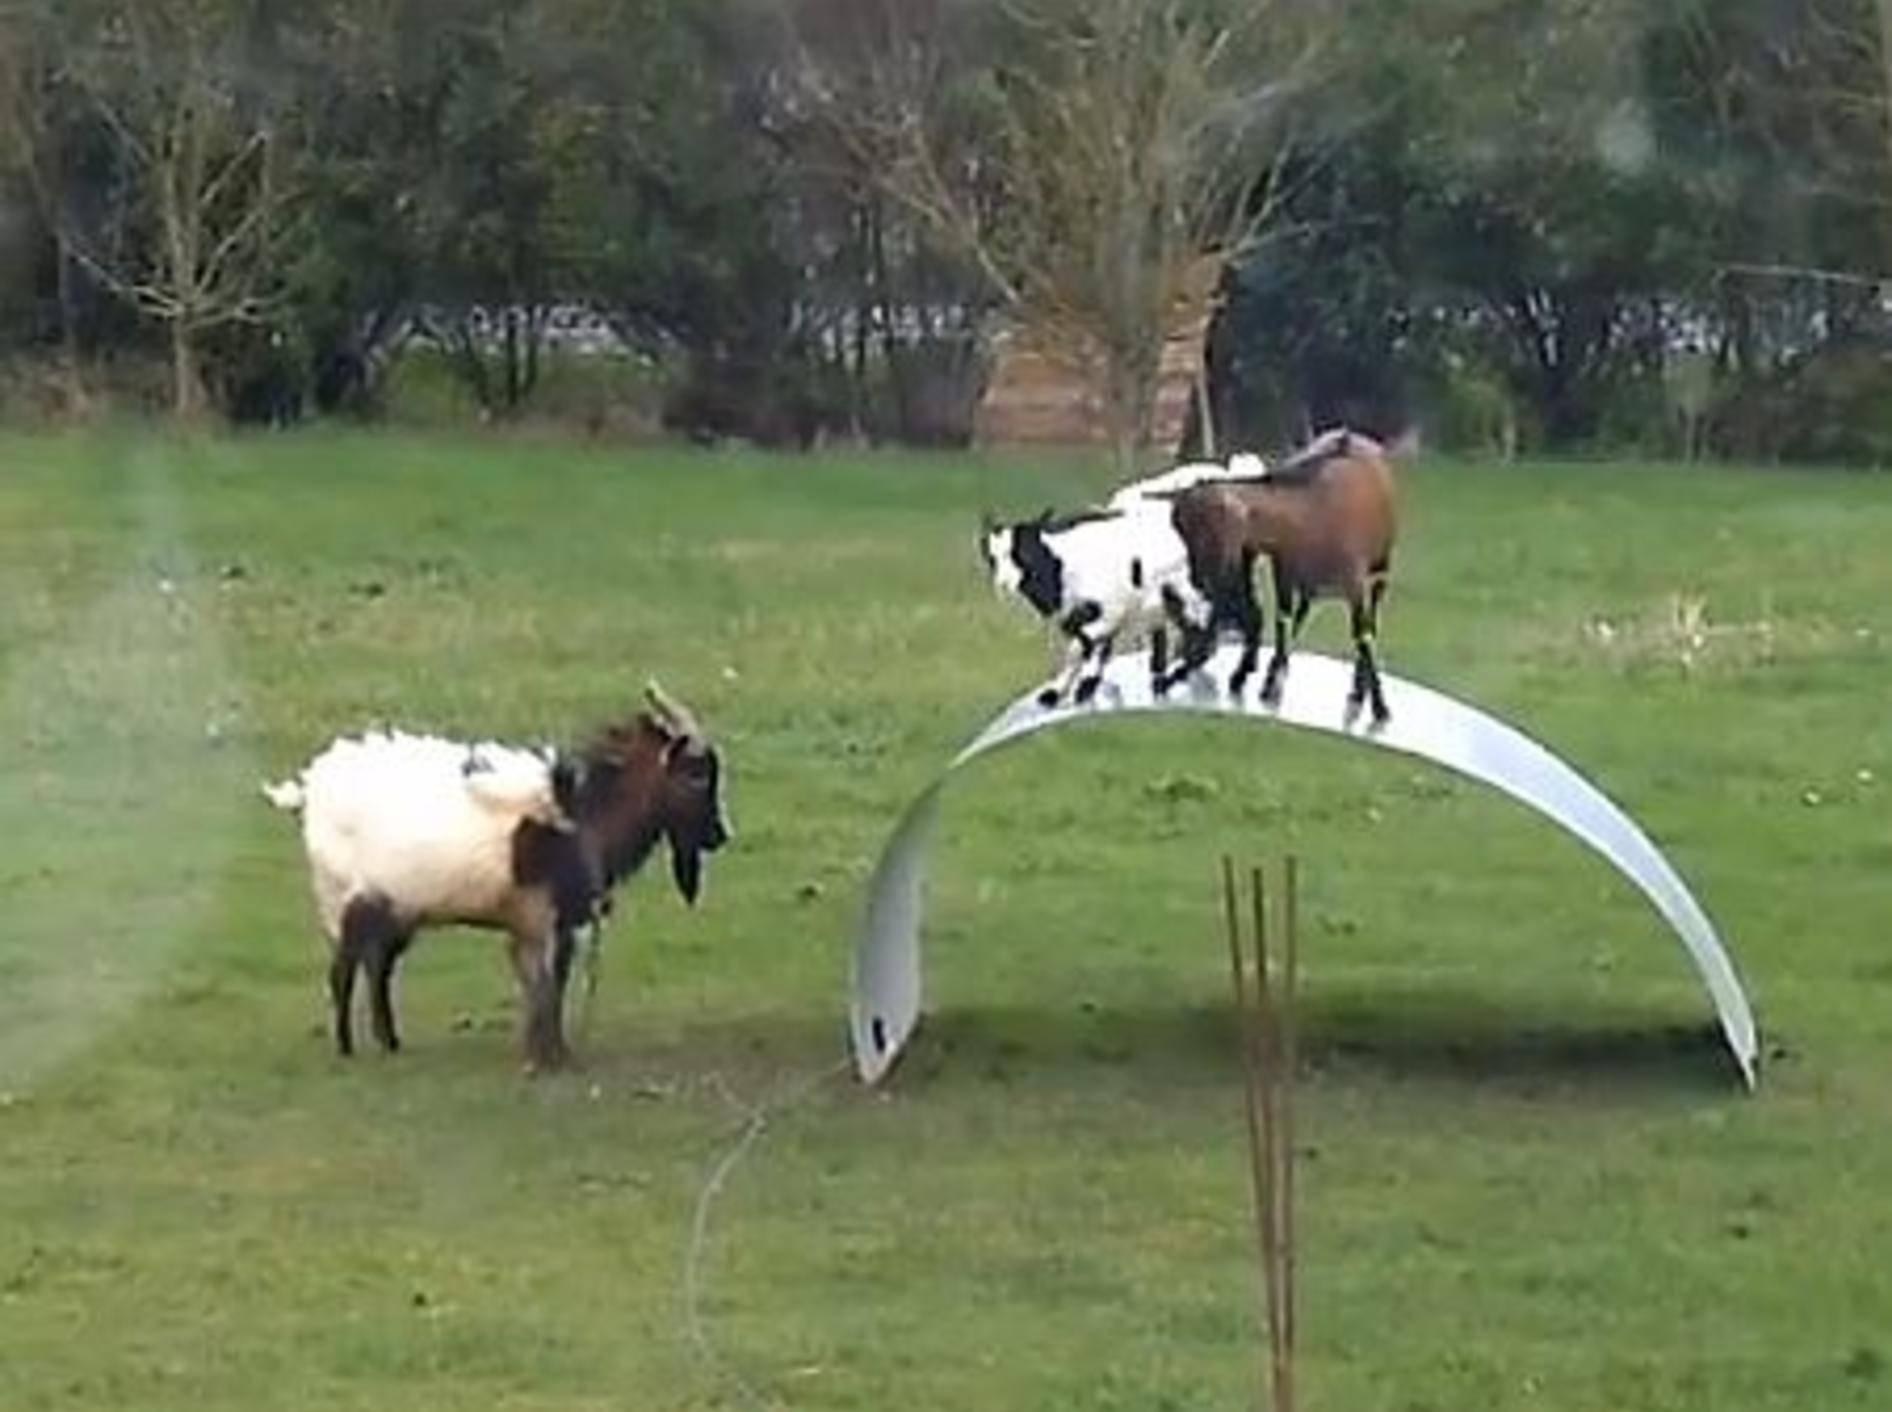 Lustige Ziegen haben einen Riesenspaß – Bild: Youtube / Max Murs